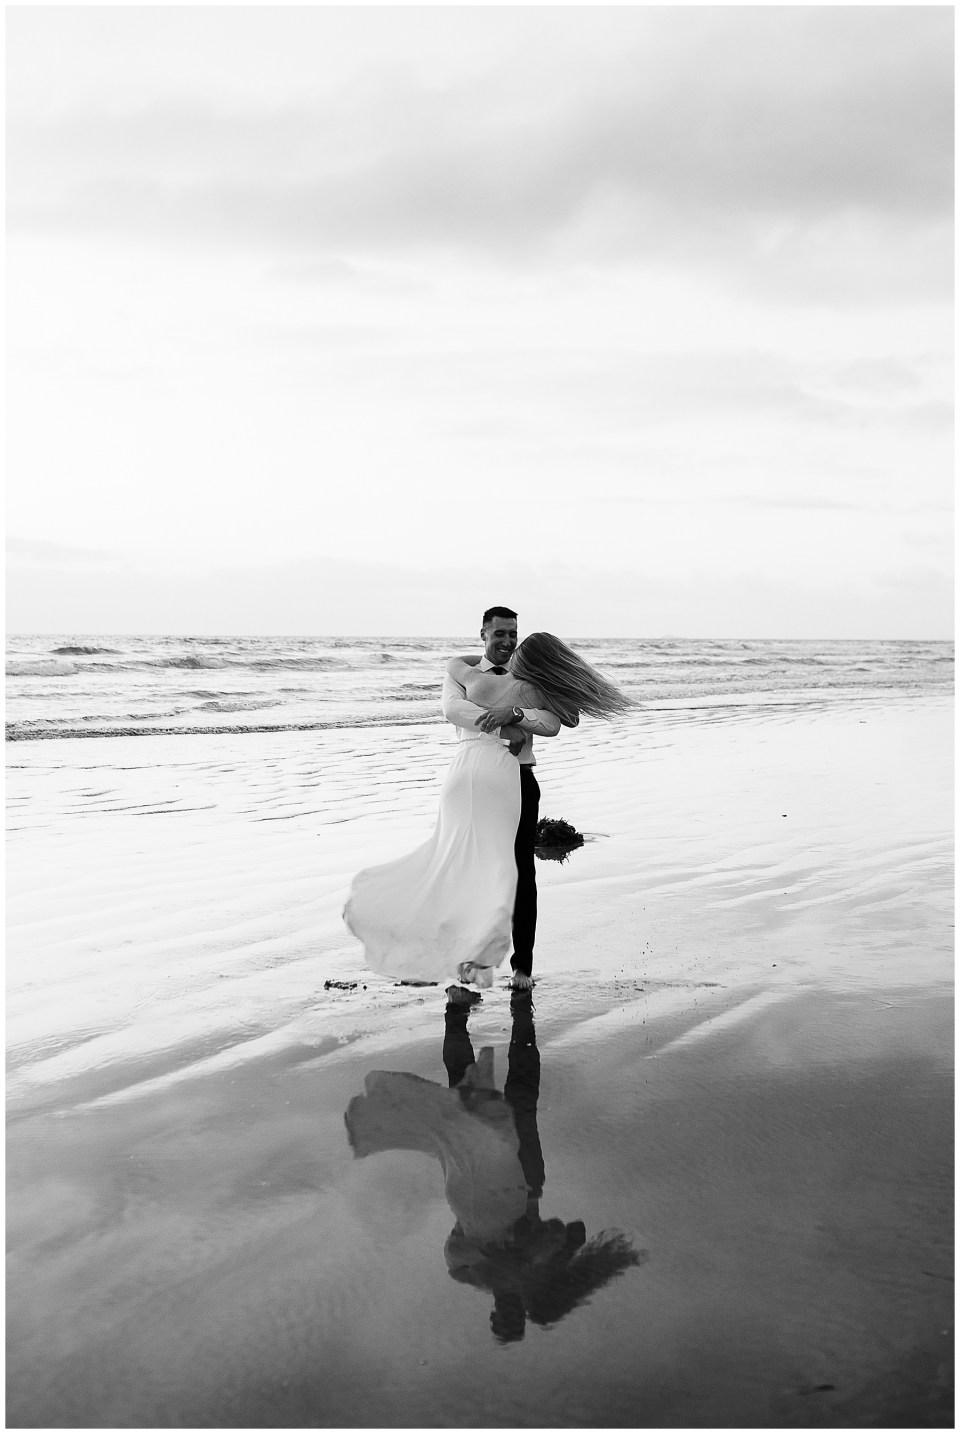 California elopement ideas - carlsbad beach elopement